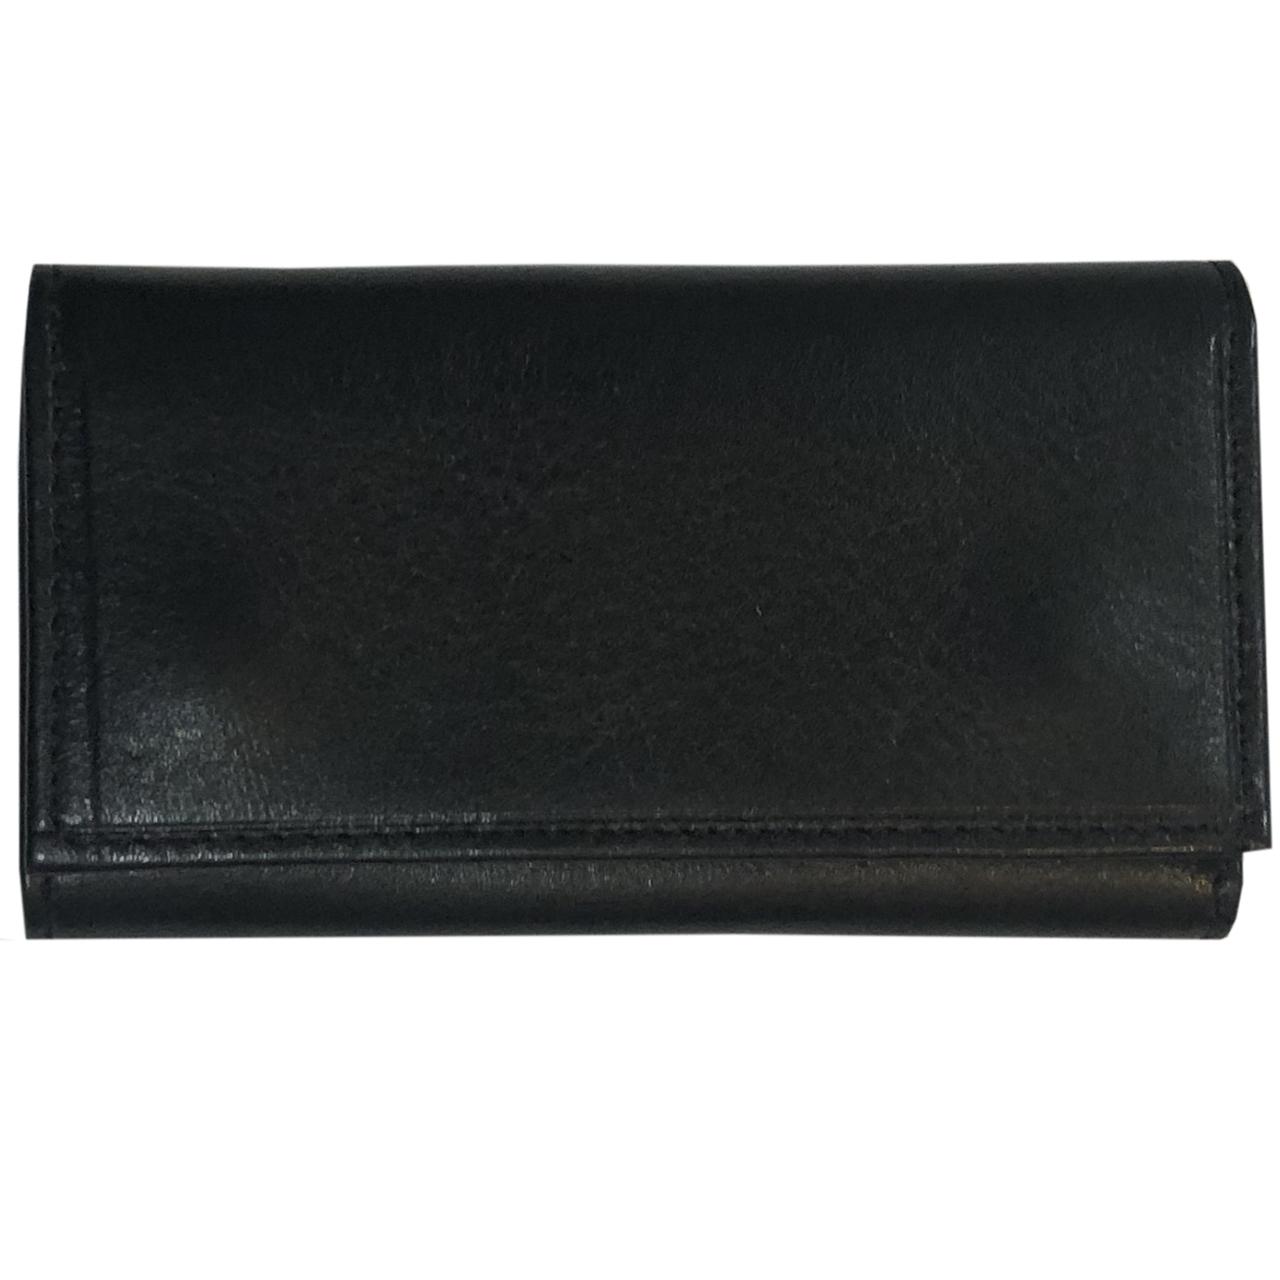 جا کلیدی چرم طبیعی – دست دوز مدل کلاسیک رنگ مشکی B&S Leather